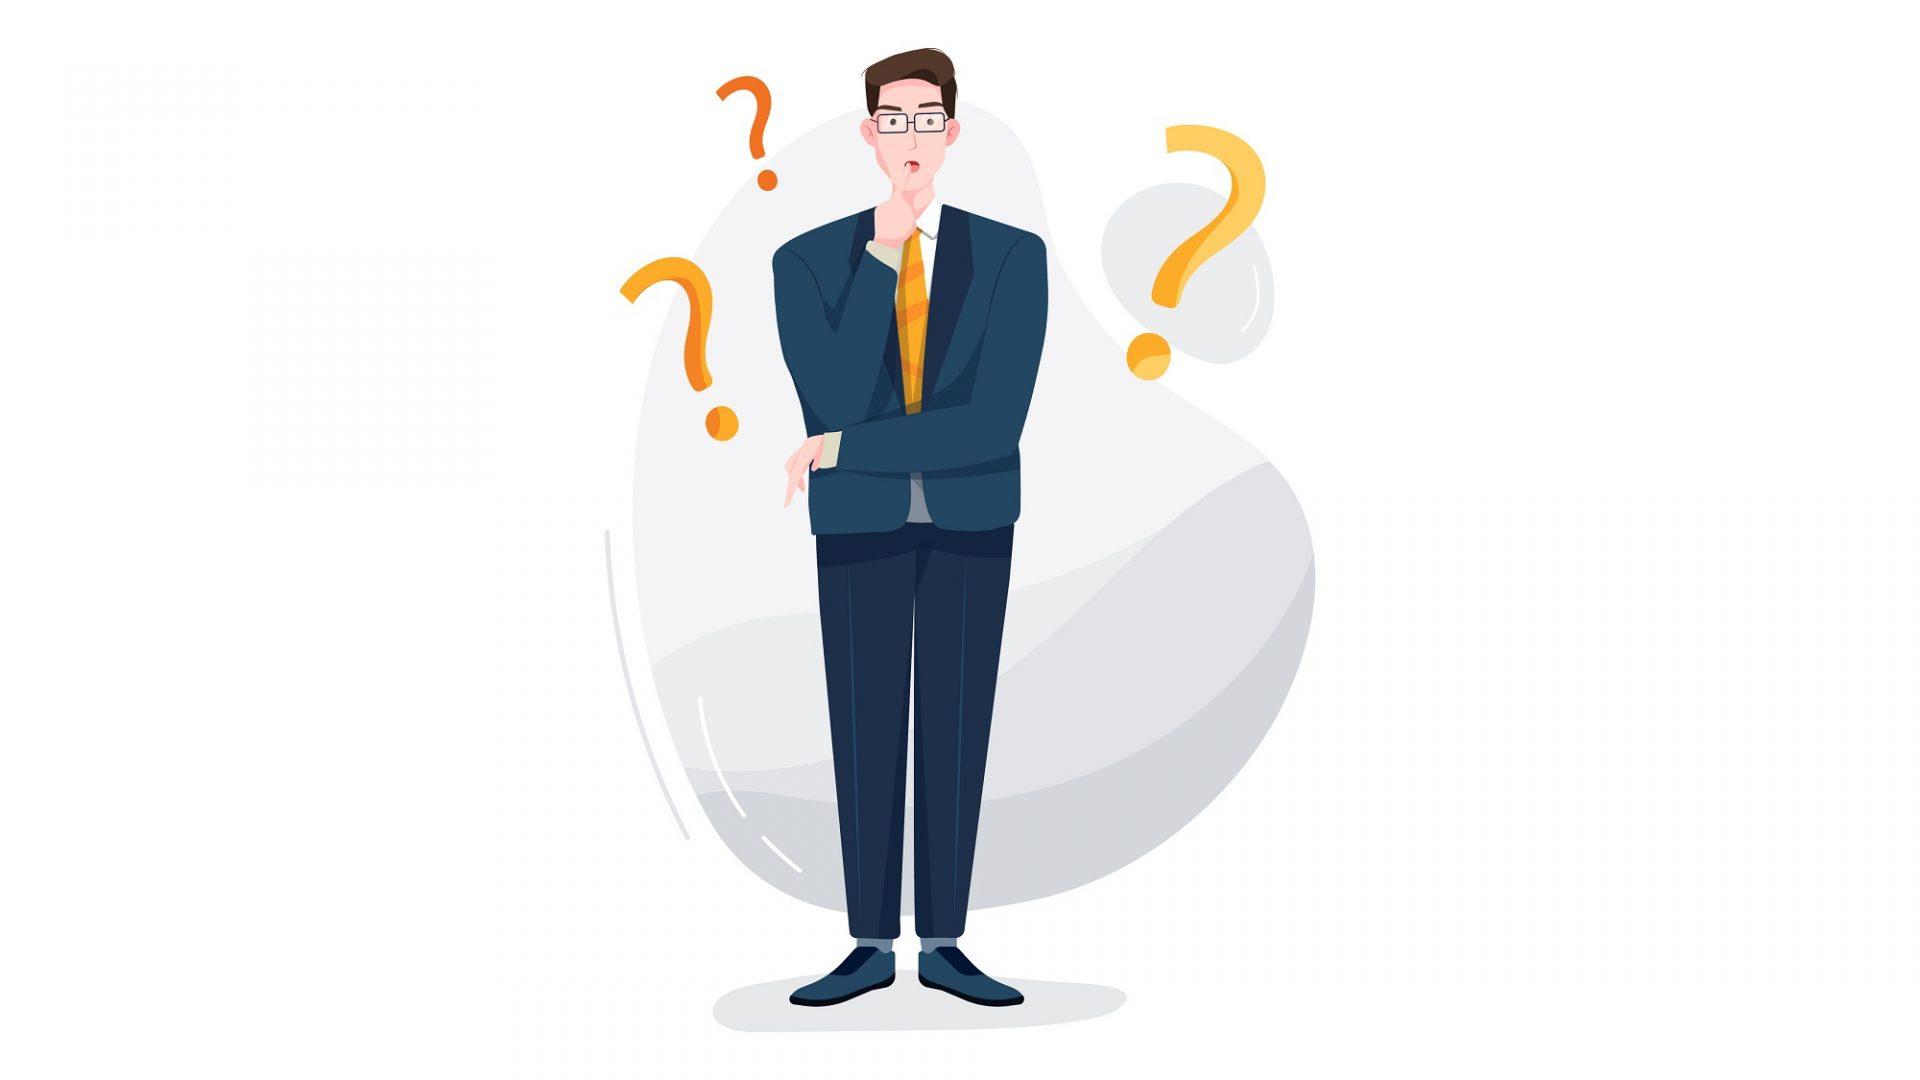 najczęściej zadawane pytania pod kątem seo i pozycjonowania